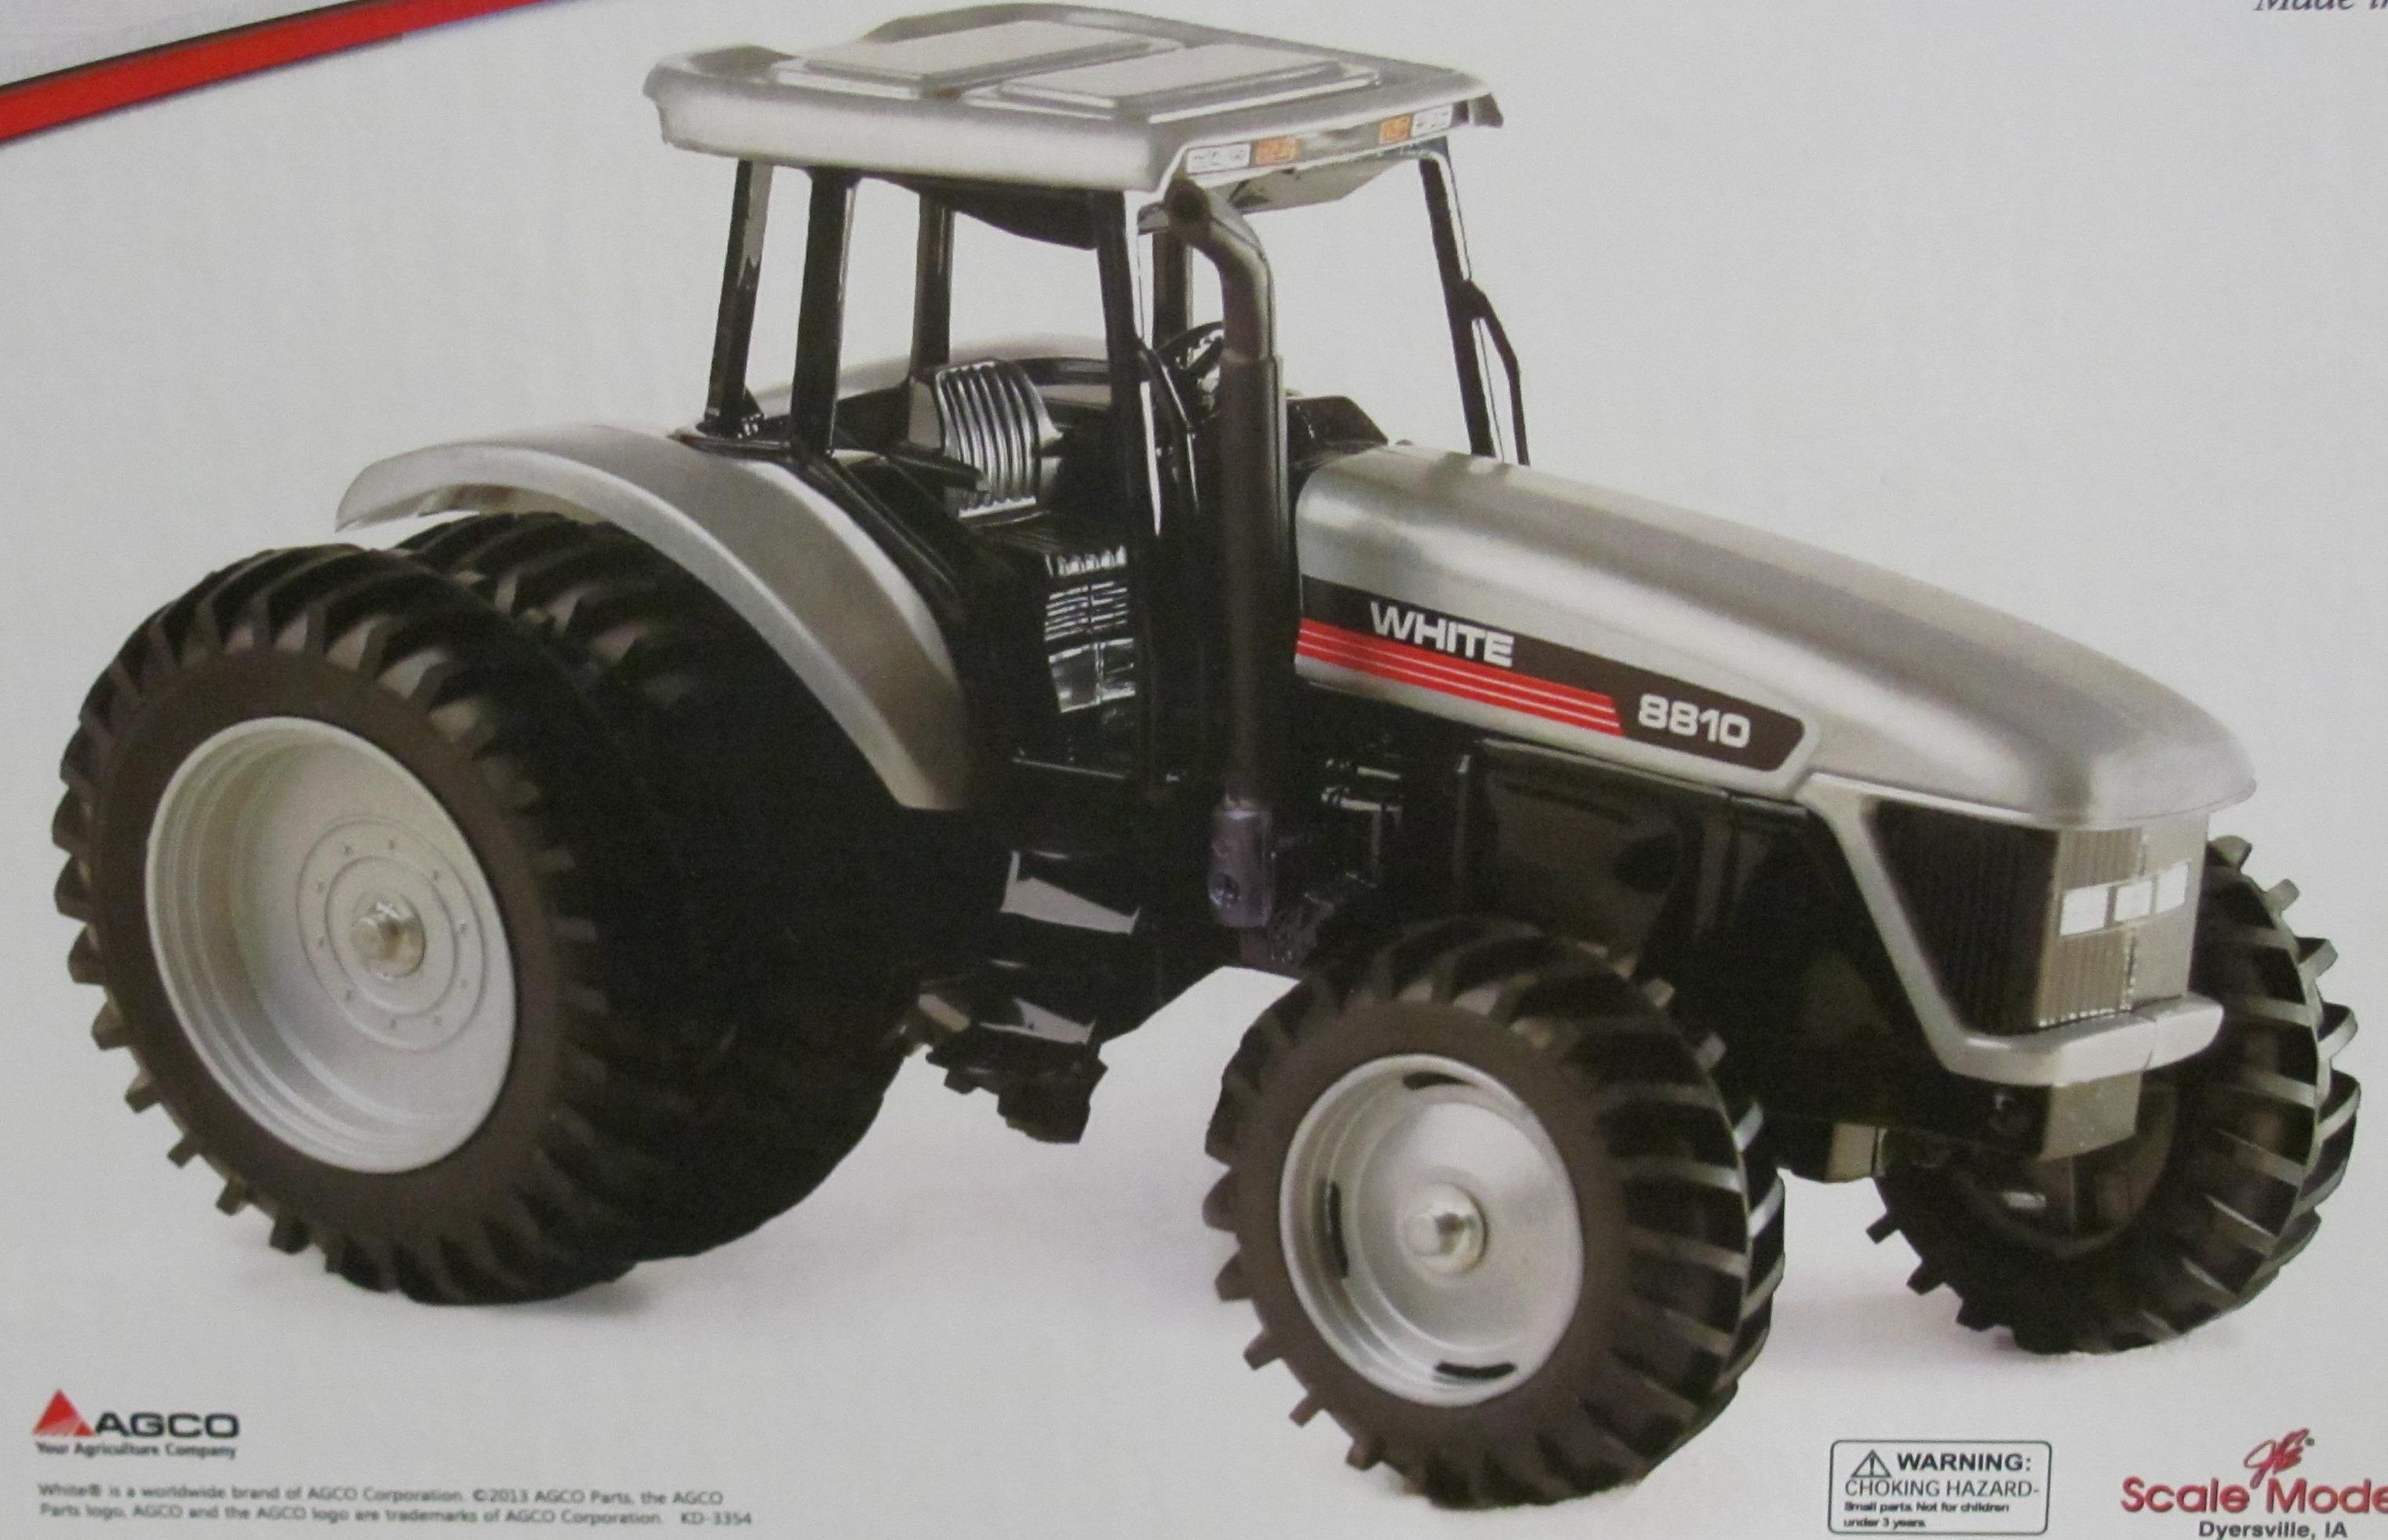 Agco White 8810 | Down On The Farm